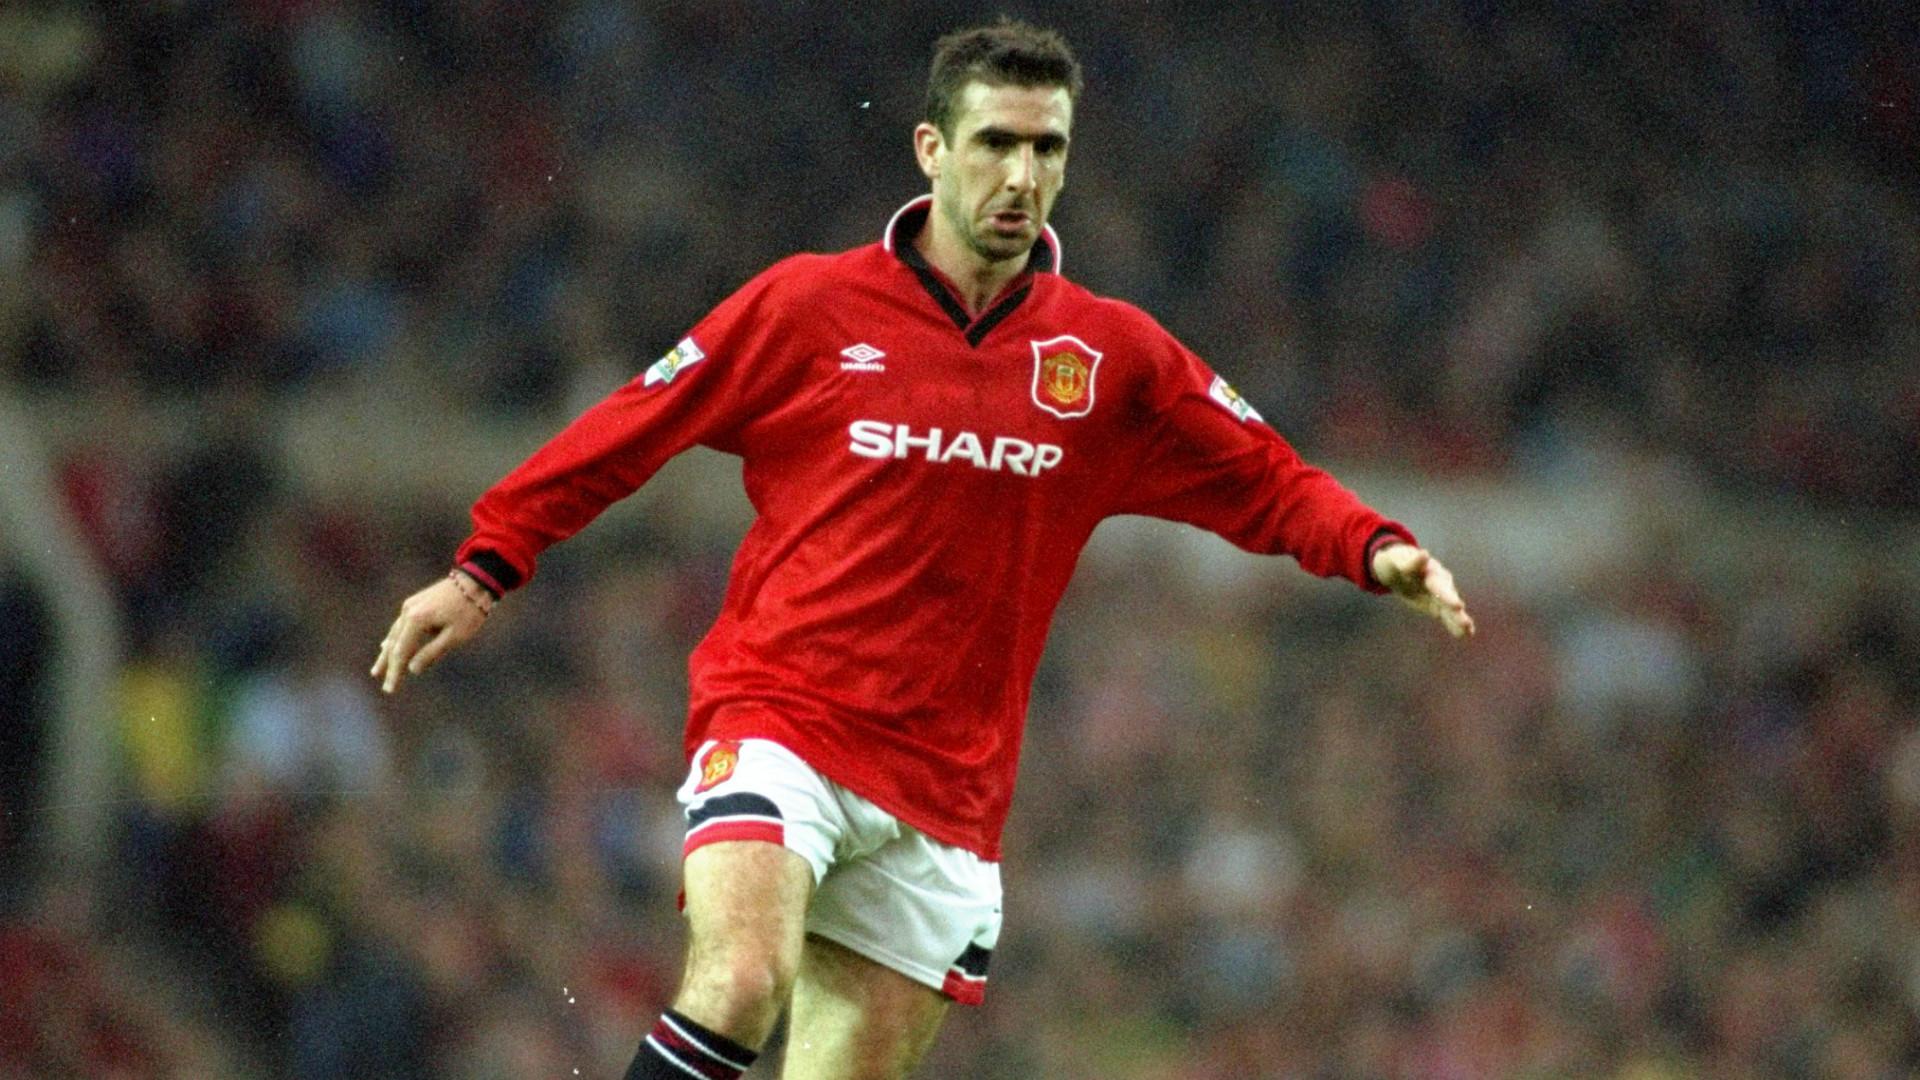 Bonnes encheres a tous échange. Eric Cantona: The Manchester United legend's most ...